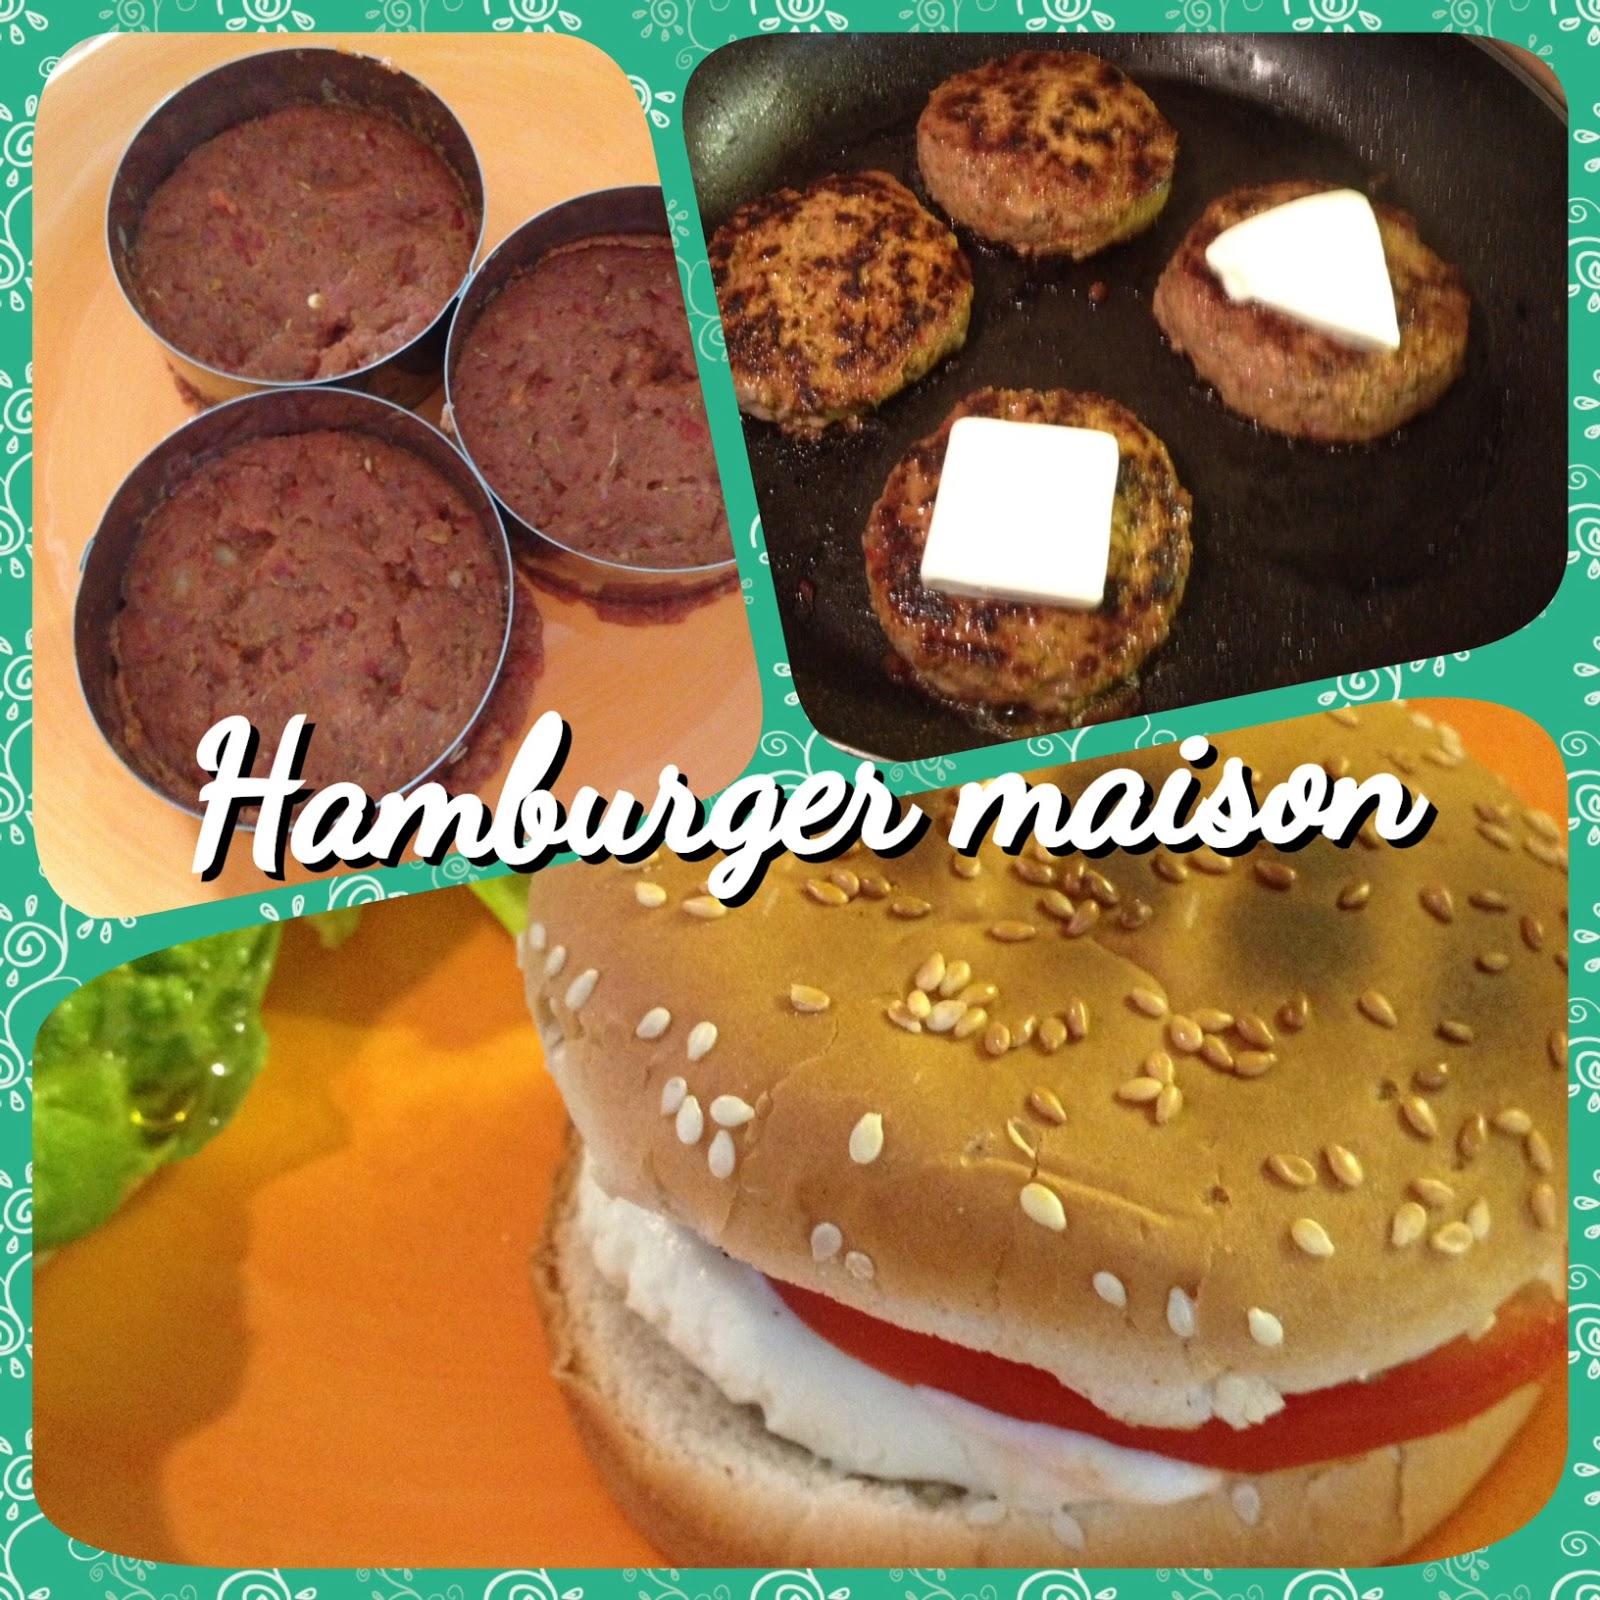 Mes petits menus recette hamburger maison 7pp - Recette hamburger maison original ...